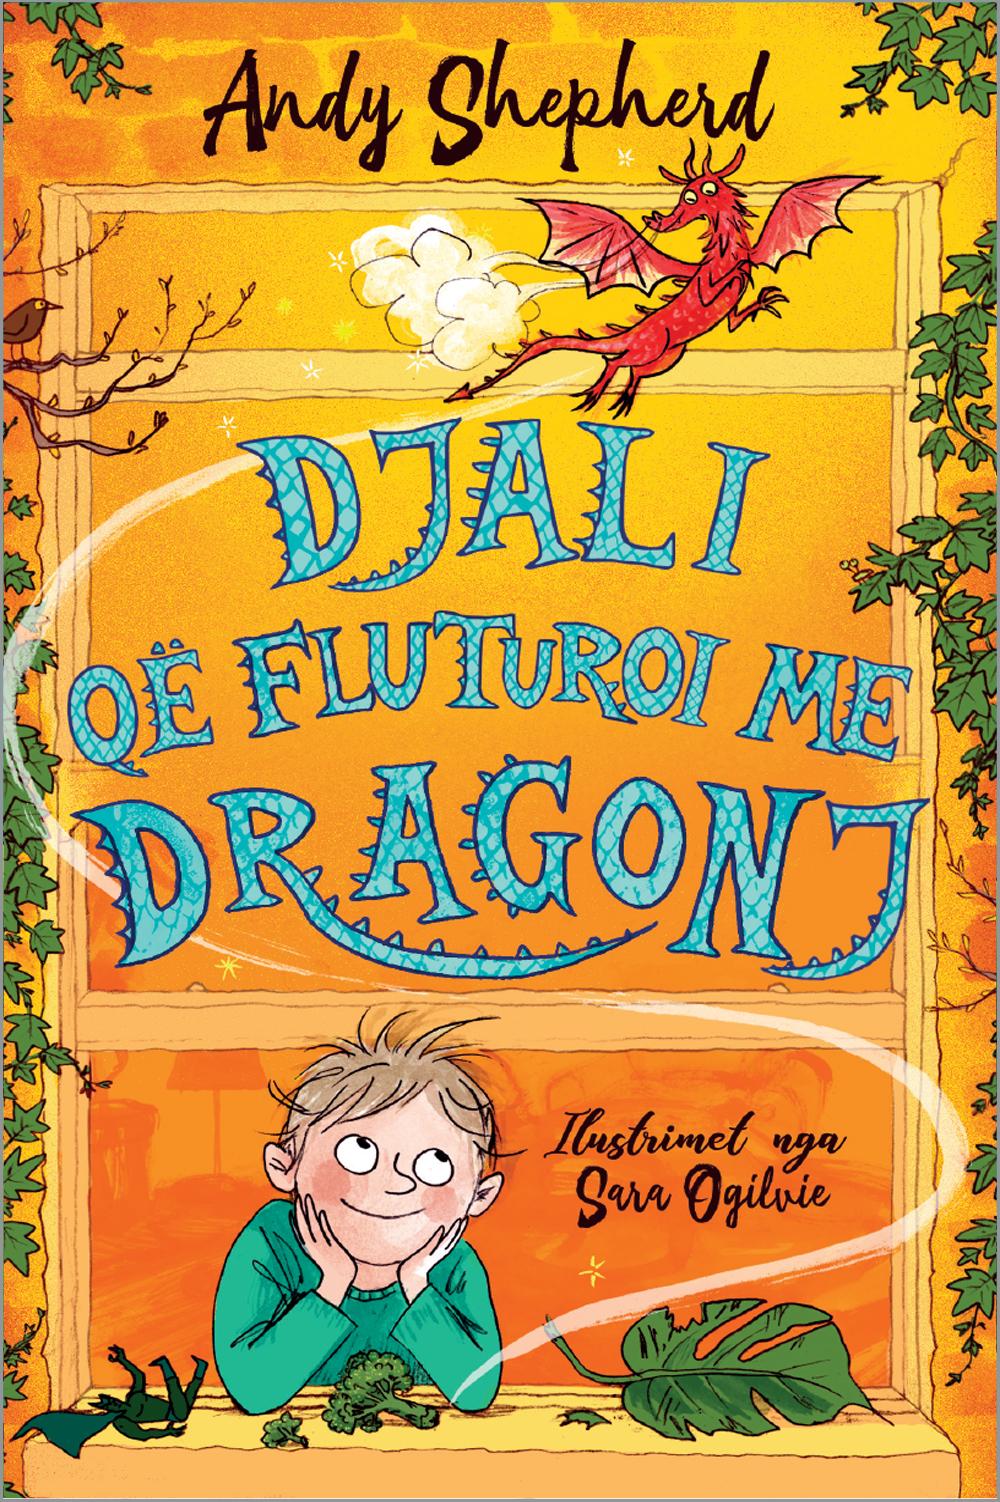 Djali që fluturoi me dragonj